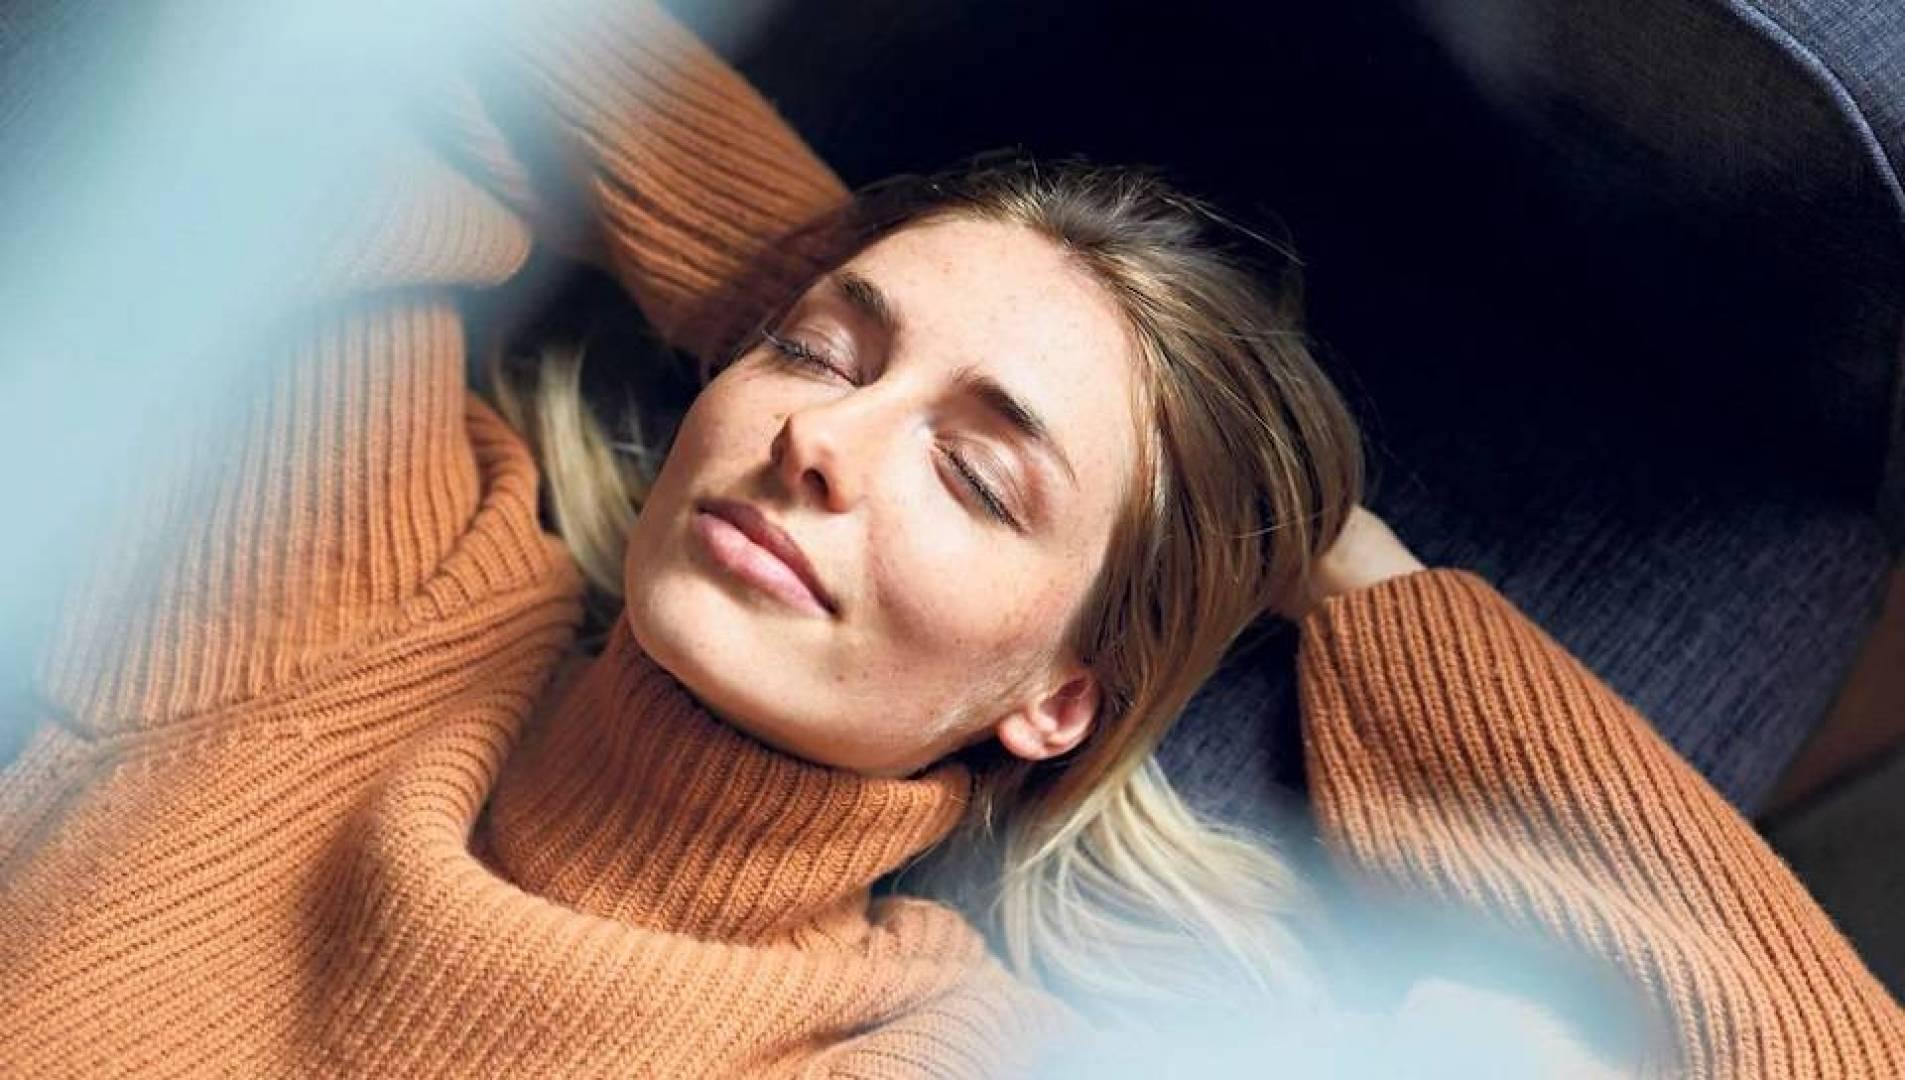 كيف يعمل «السوفرولوجيا» على علاج الاكتئاب؟